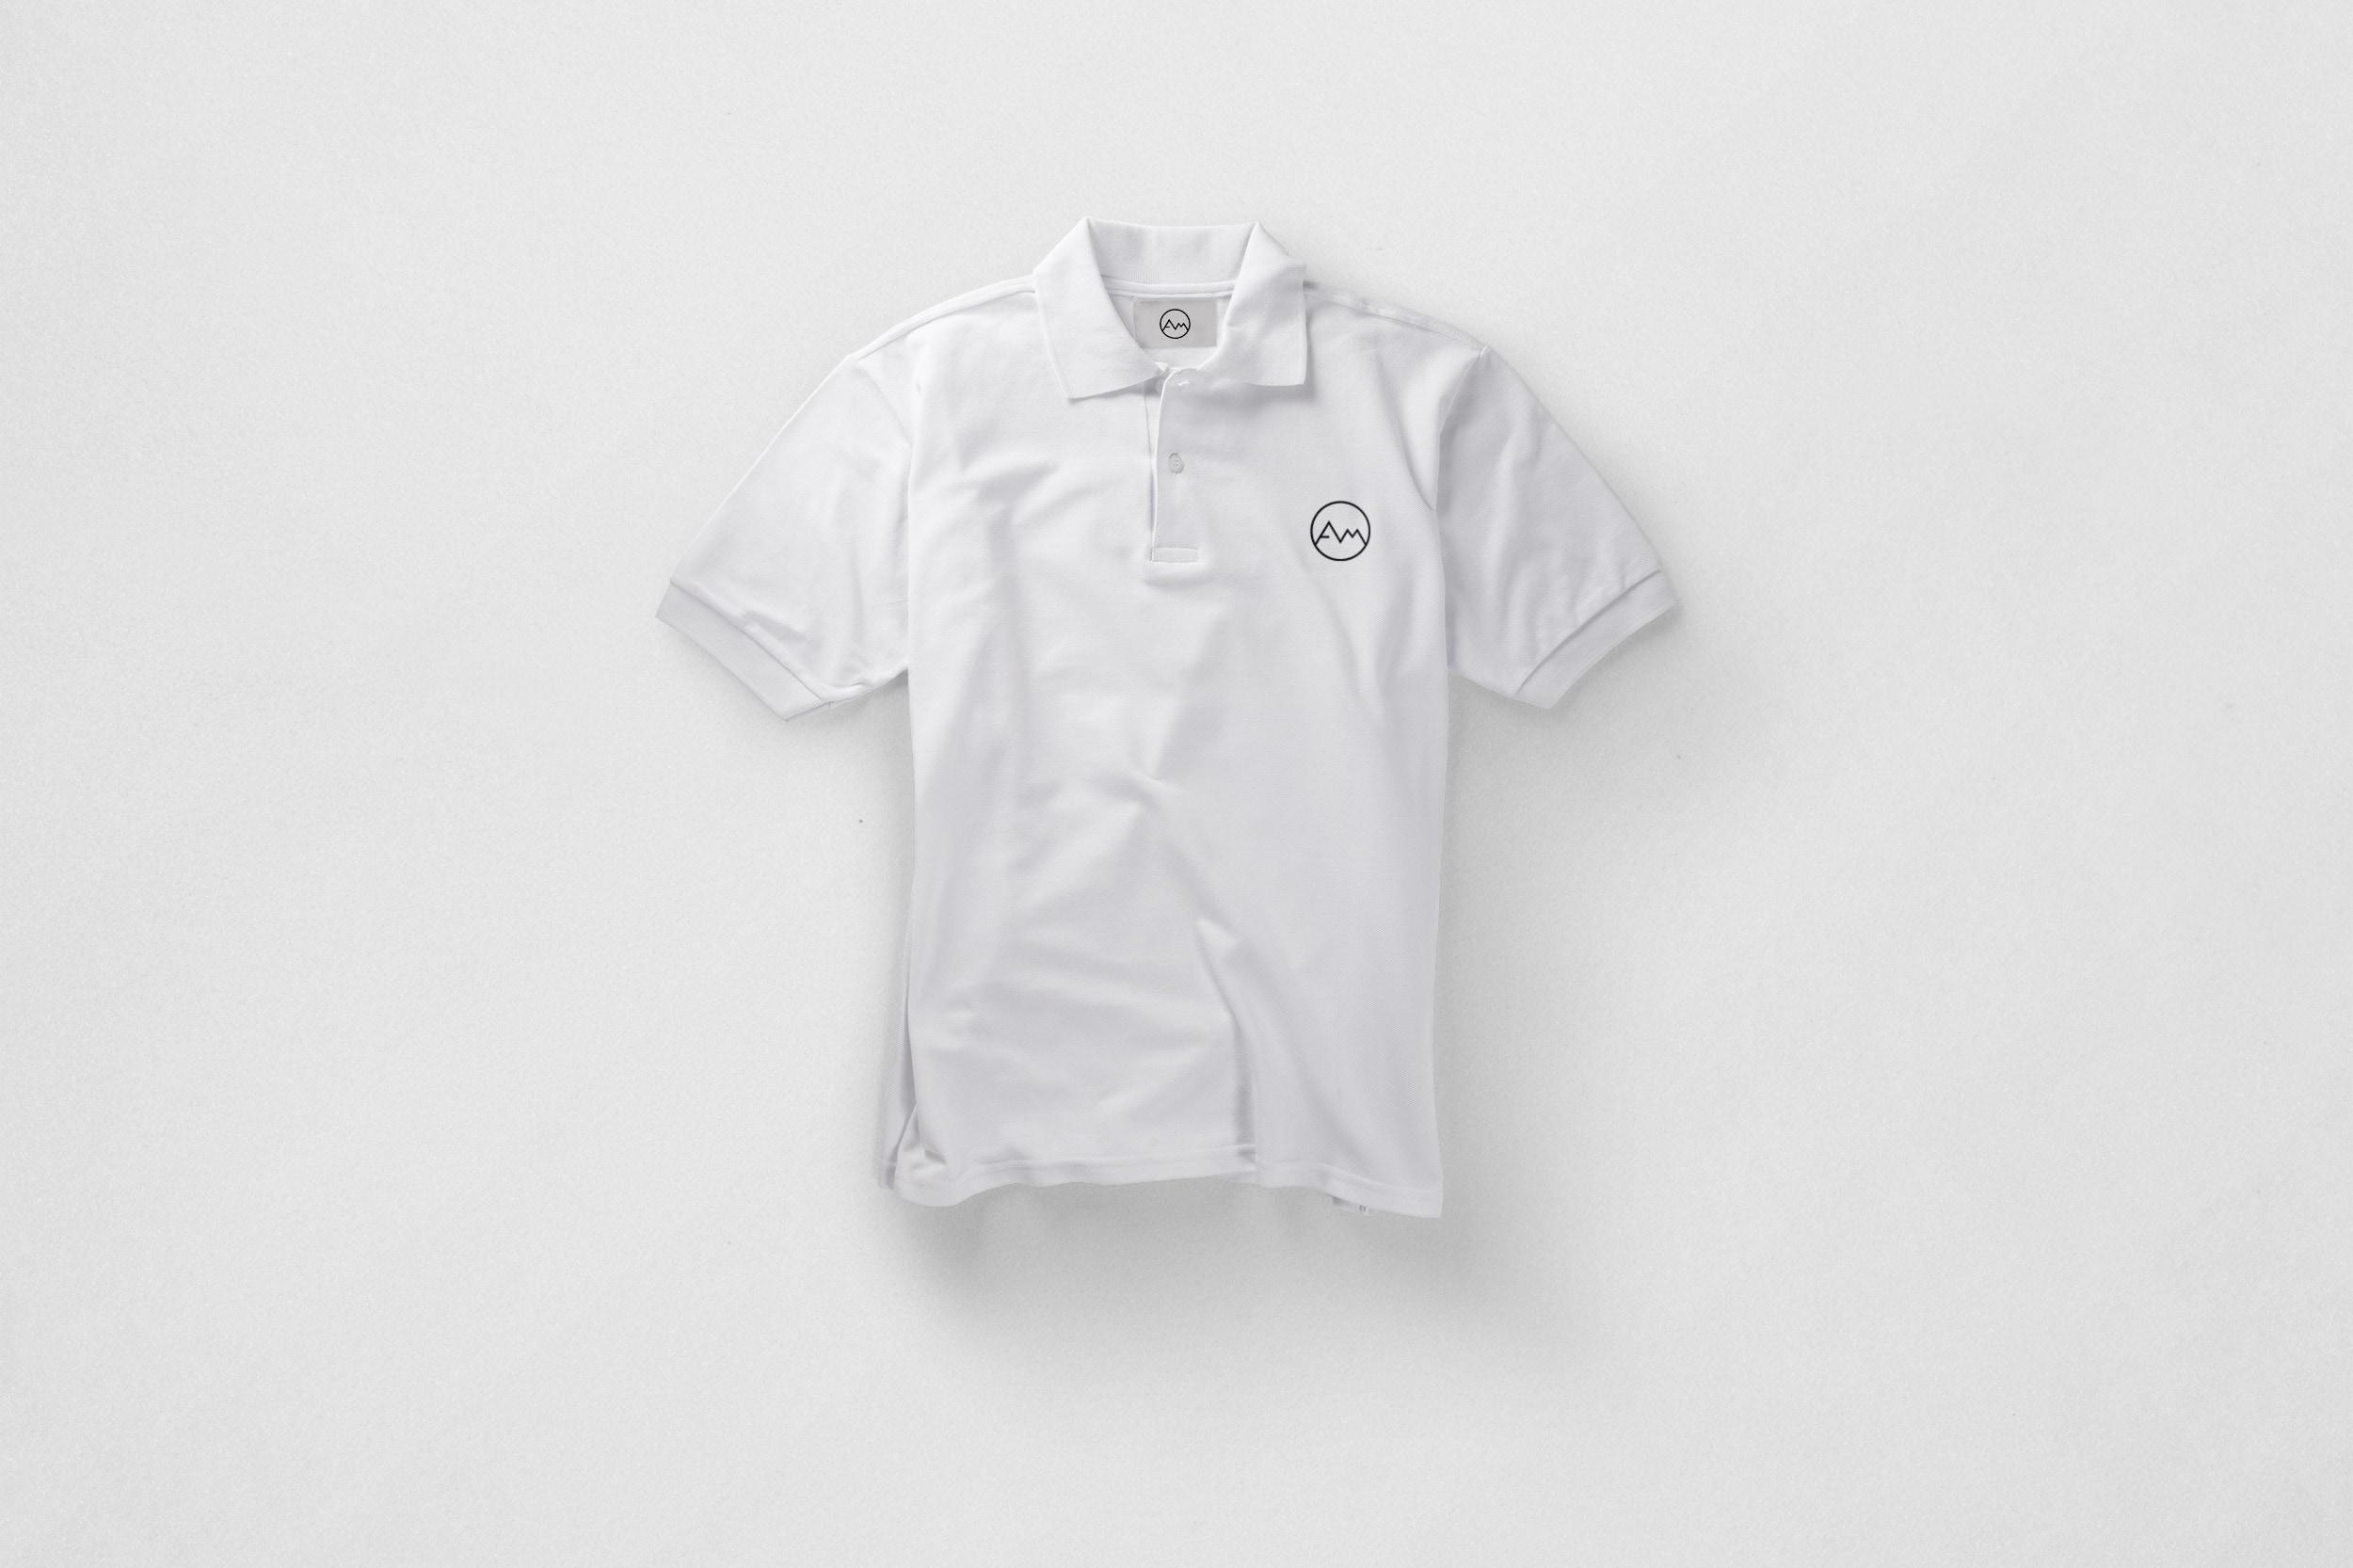 andre-shirt.jpg